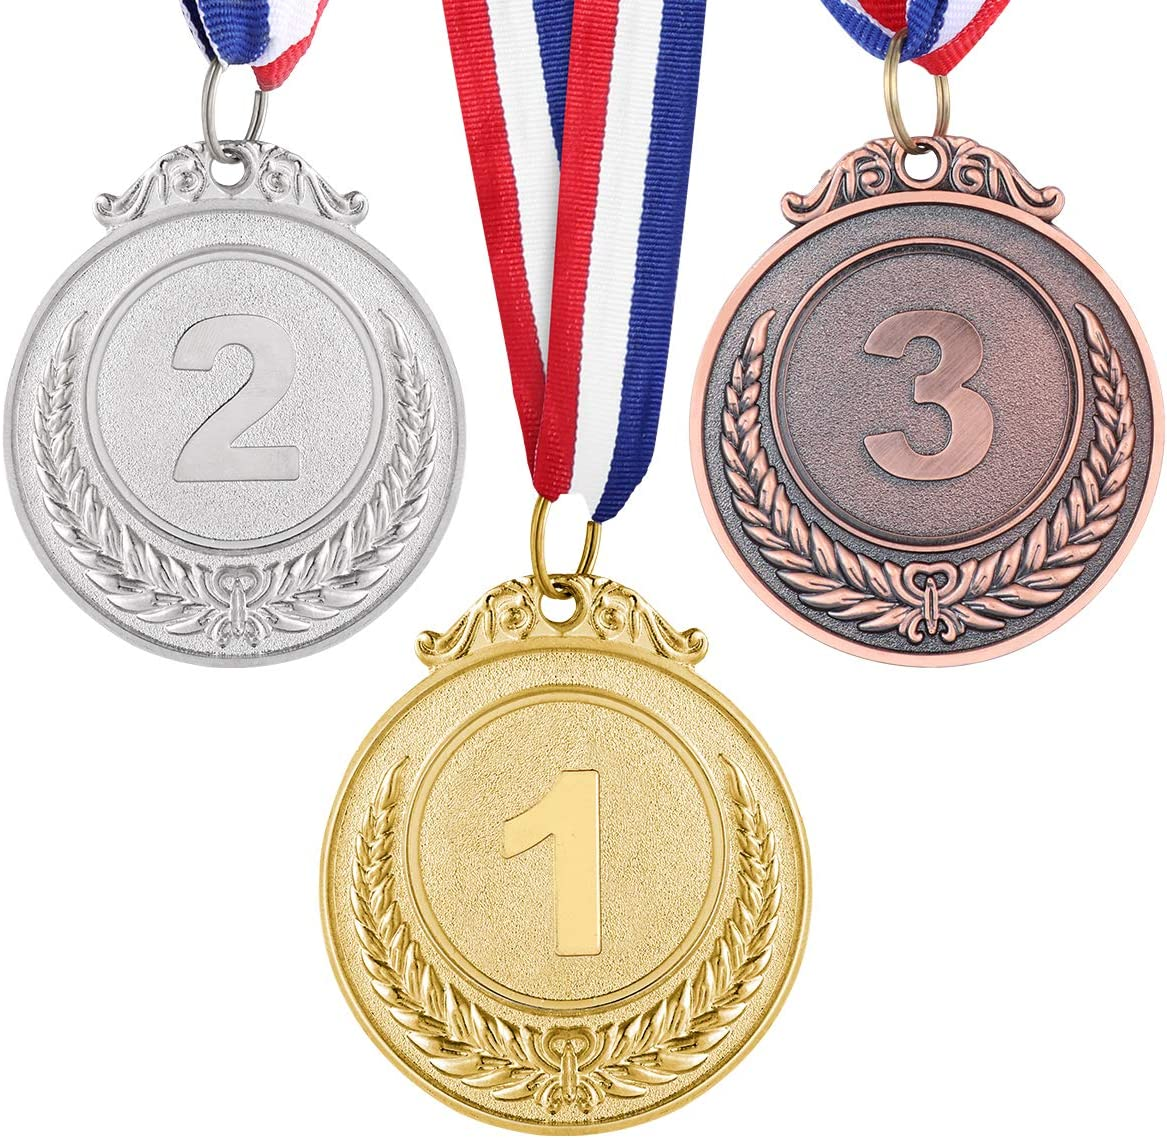 NUOBESTY Ganador de Metal medallas de Oro, Bronce y Plata con Cinta para el Cuello, Estilo olímpico, 1er 2do 3er Lugar, 3 Piezas